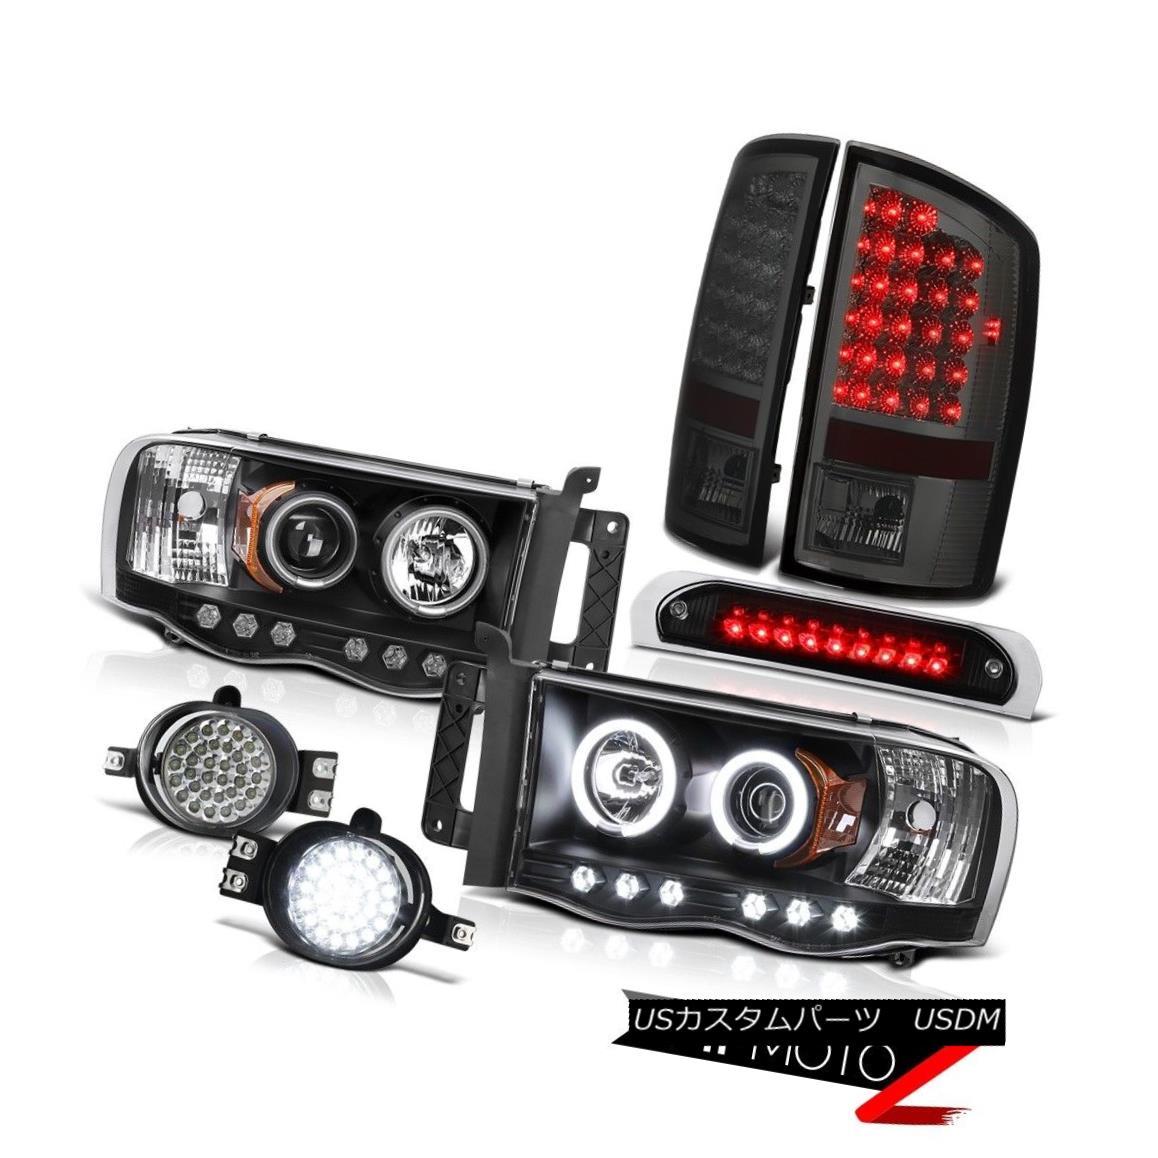 ヘッドライト CCFL Rim Headlights Smoke LED Tail Lights Daytime Fog 3rd Brake 03 04 05 Ram SLT CCFLリムヘッドライトスモークLEDテールライトデイタイムフォグ第3ブレーキ03 04 05ラムSLT